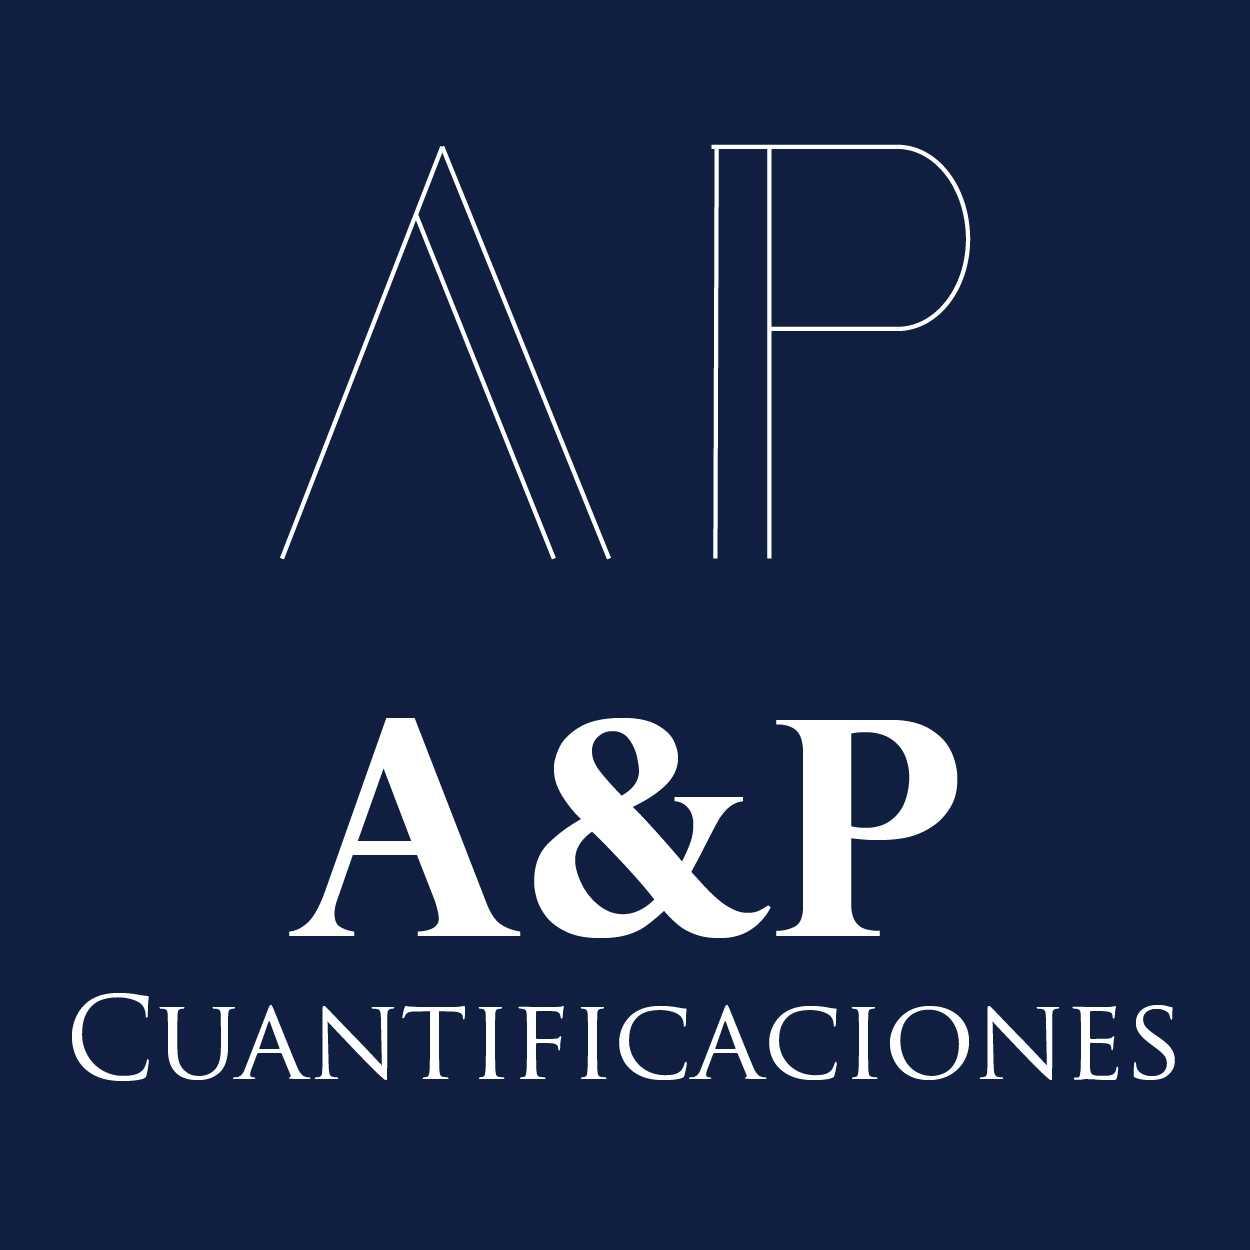 AyP Cuantificaciones